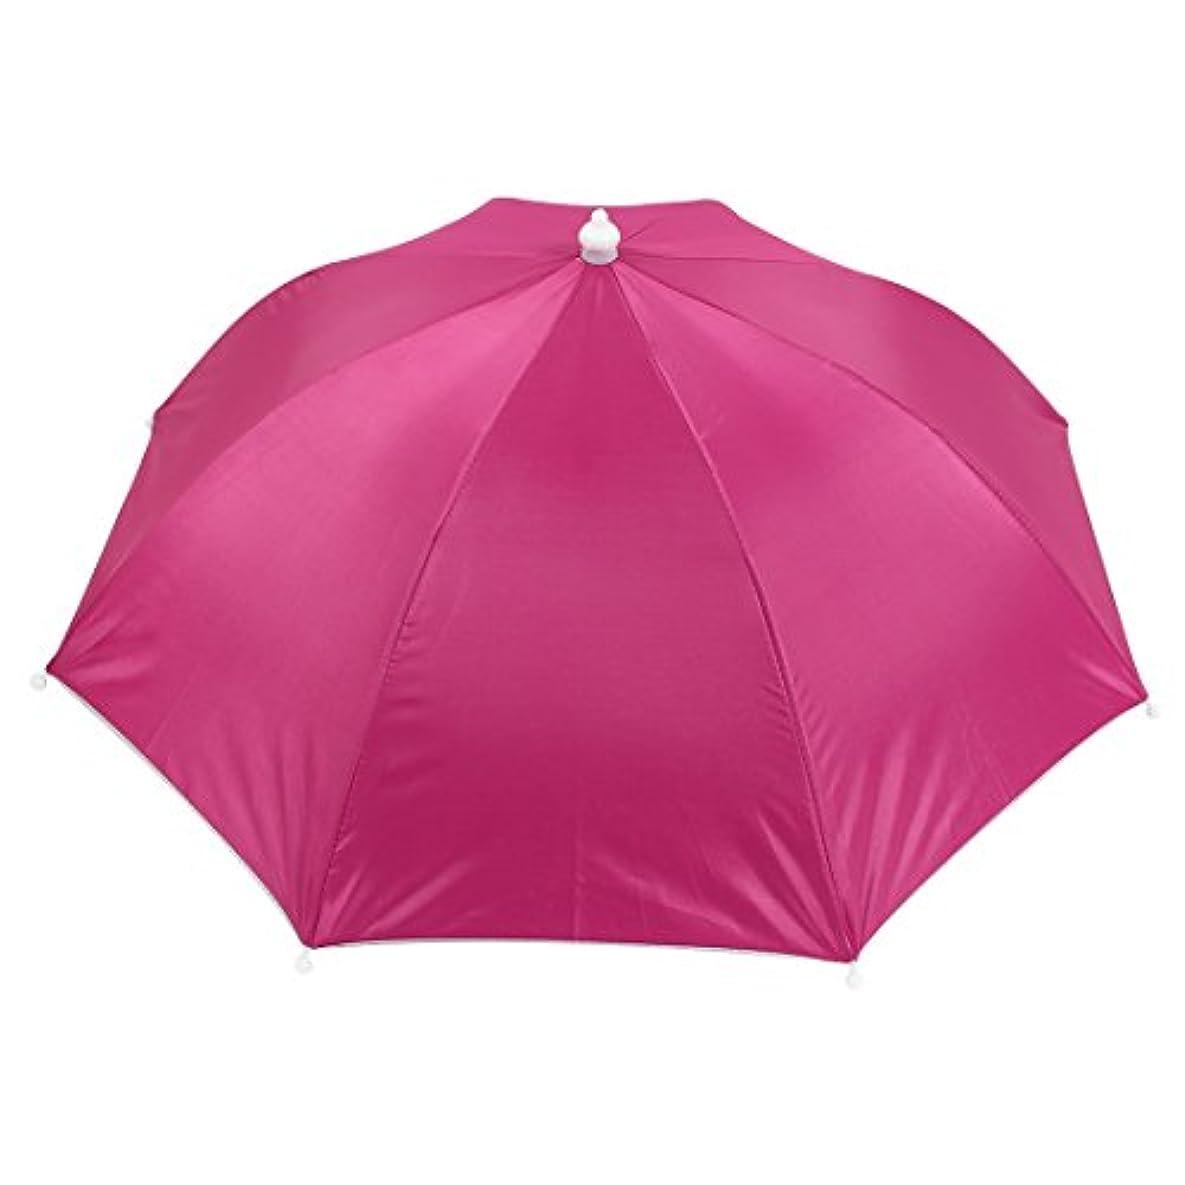 好ましいディレクトリ請うuxcell 釣り傘 傘帽子 釣り用 ヘッドバンド 釣り傘 傘帽子 傘ハット ゴムバンド ポータブル 日保護 フクシア 50cm - 58cm